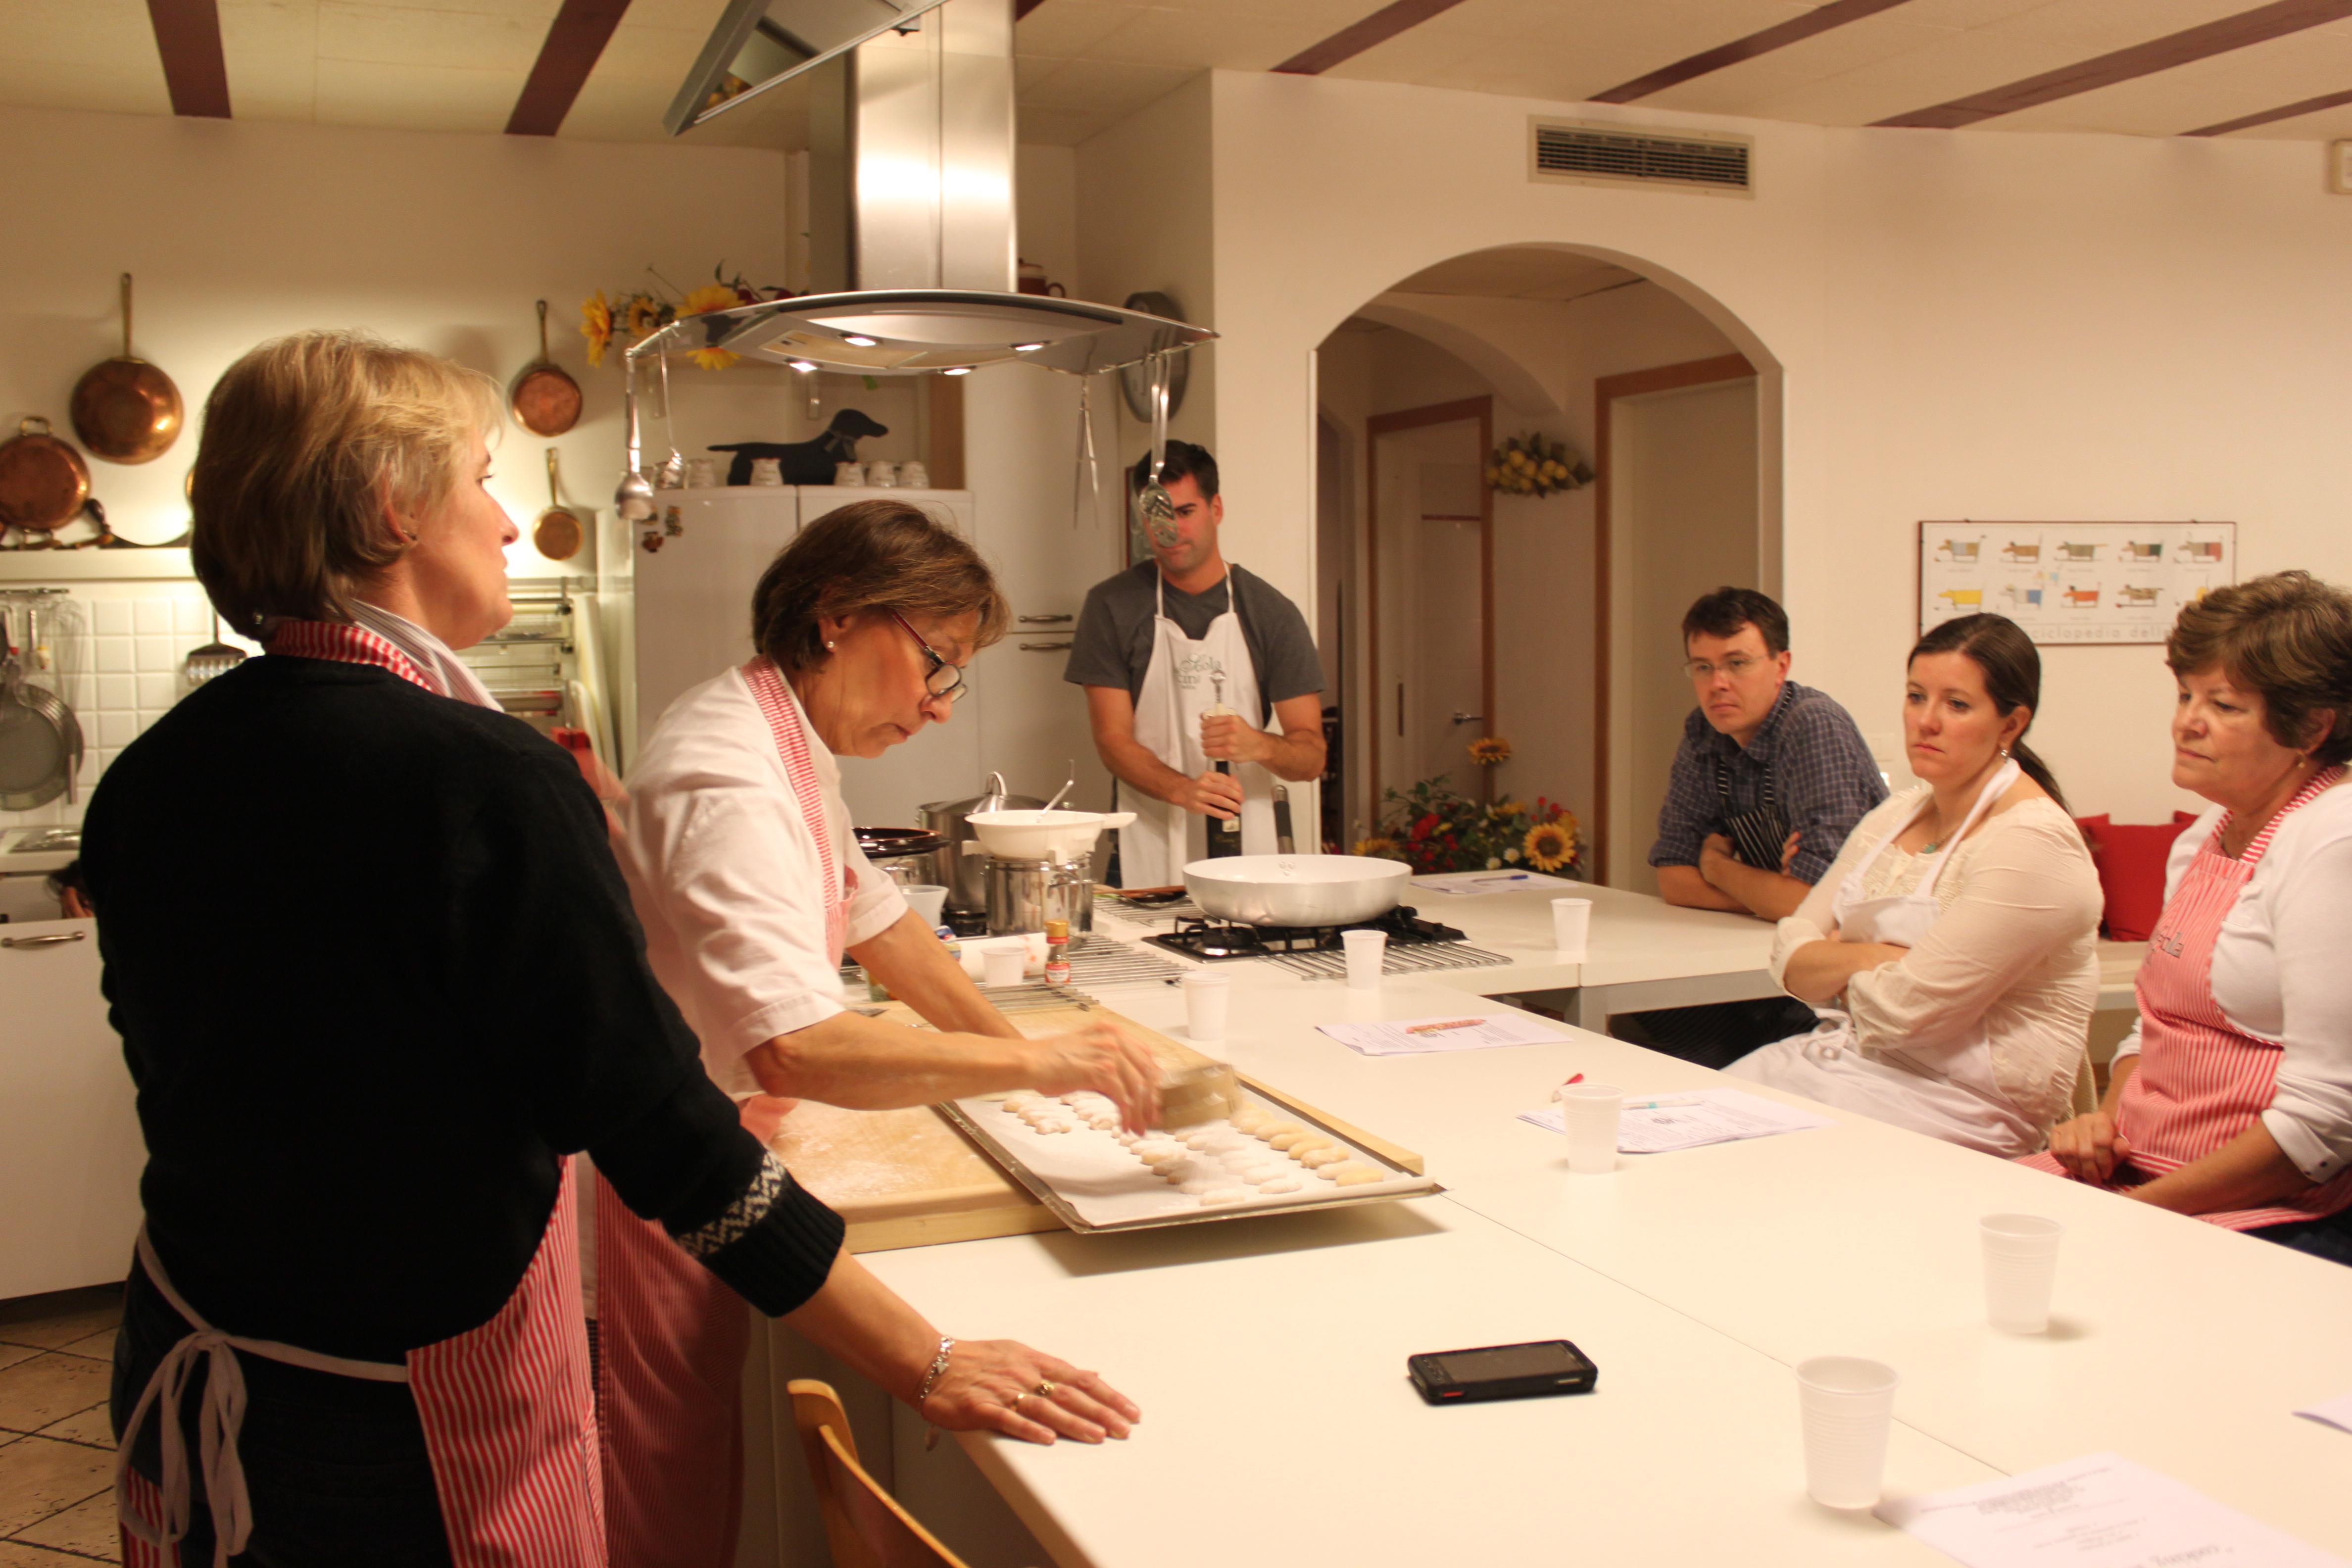 Scuola di cucina siena